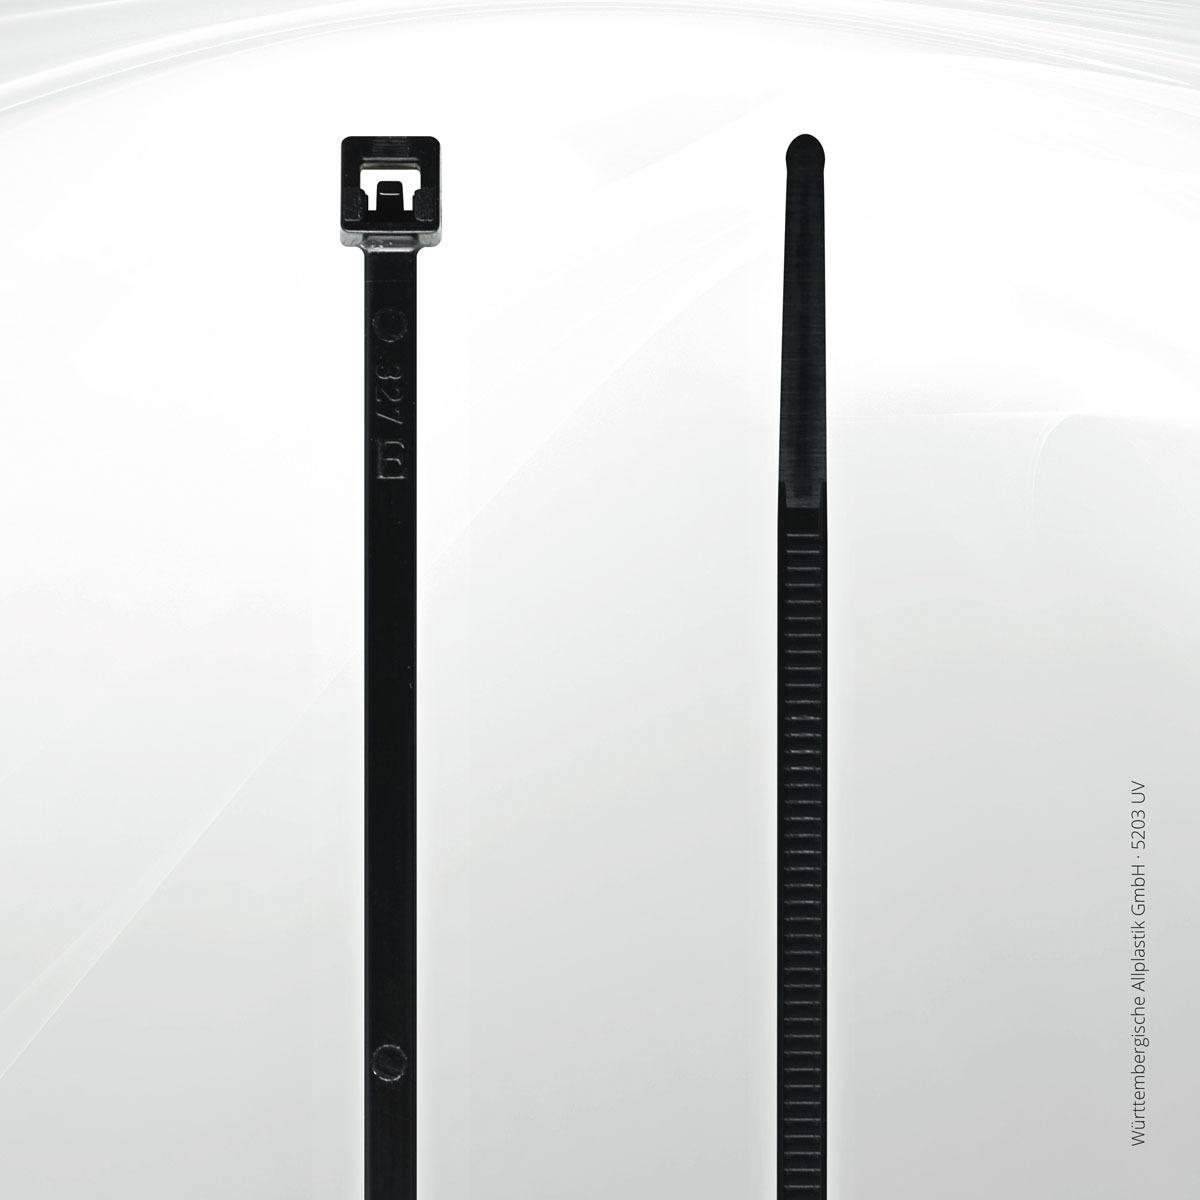 kabelbinder uv best ndig kaufen w rttembergische allplastik gmbh allplastik. Black Bedroom Furniture Sets. Home Design Ideas